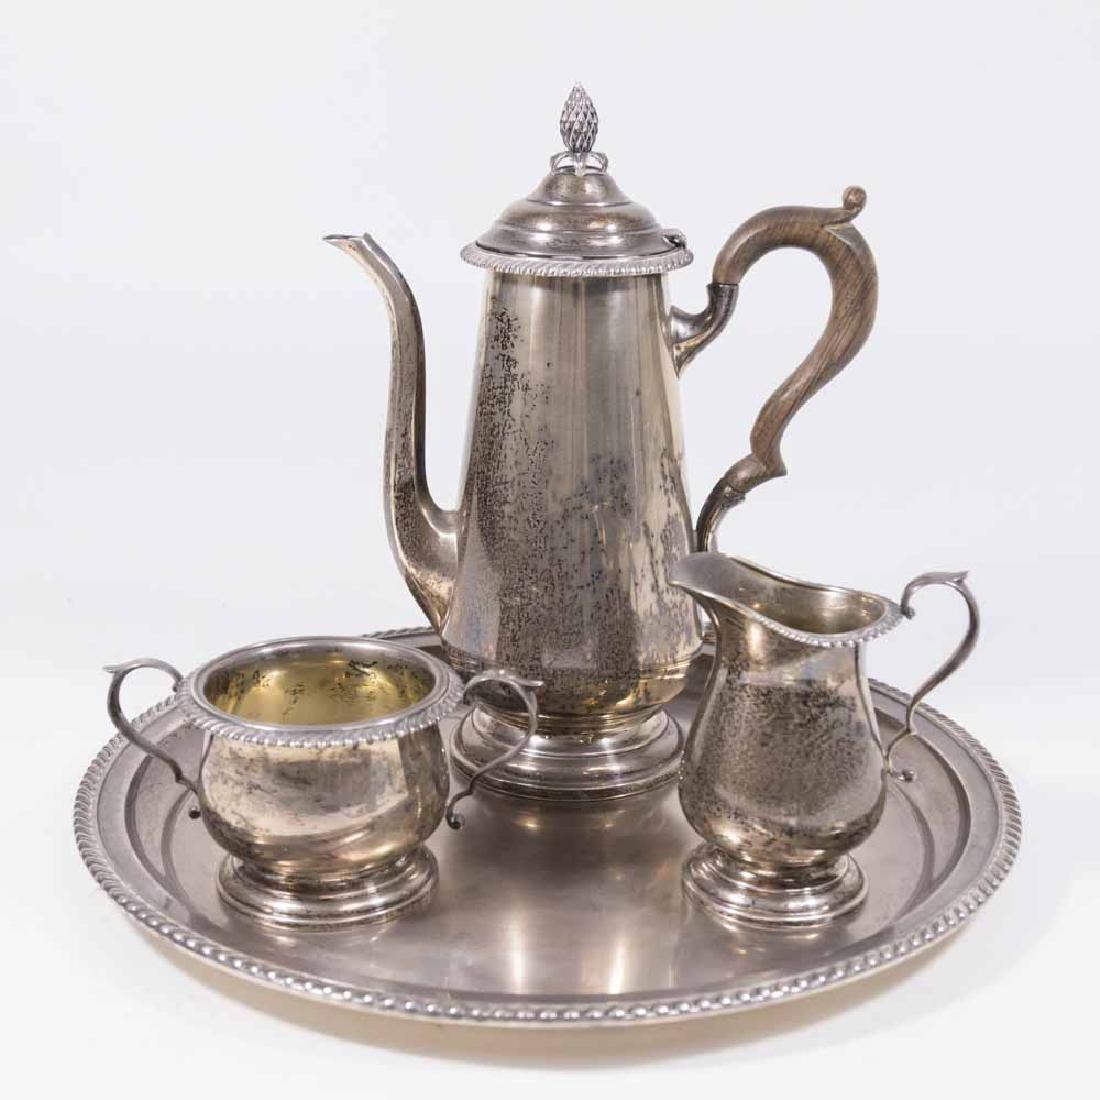 4 Pcs Sterling Silver Tea Set